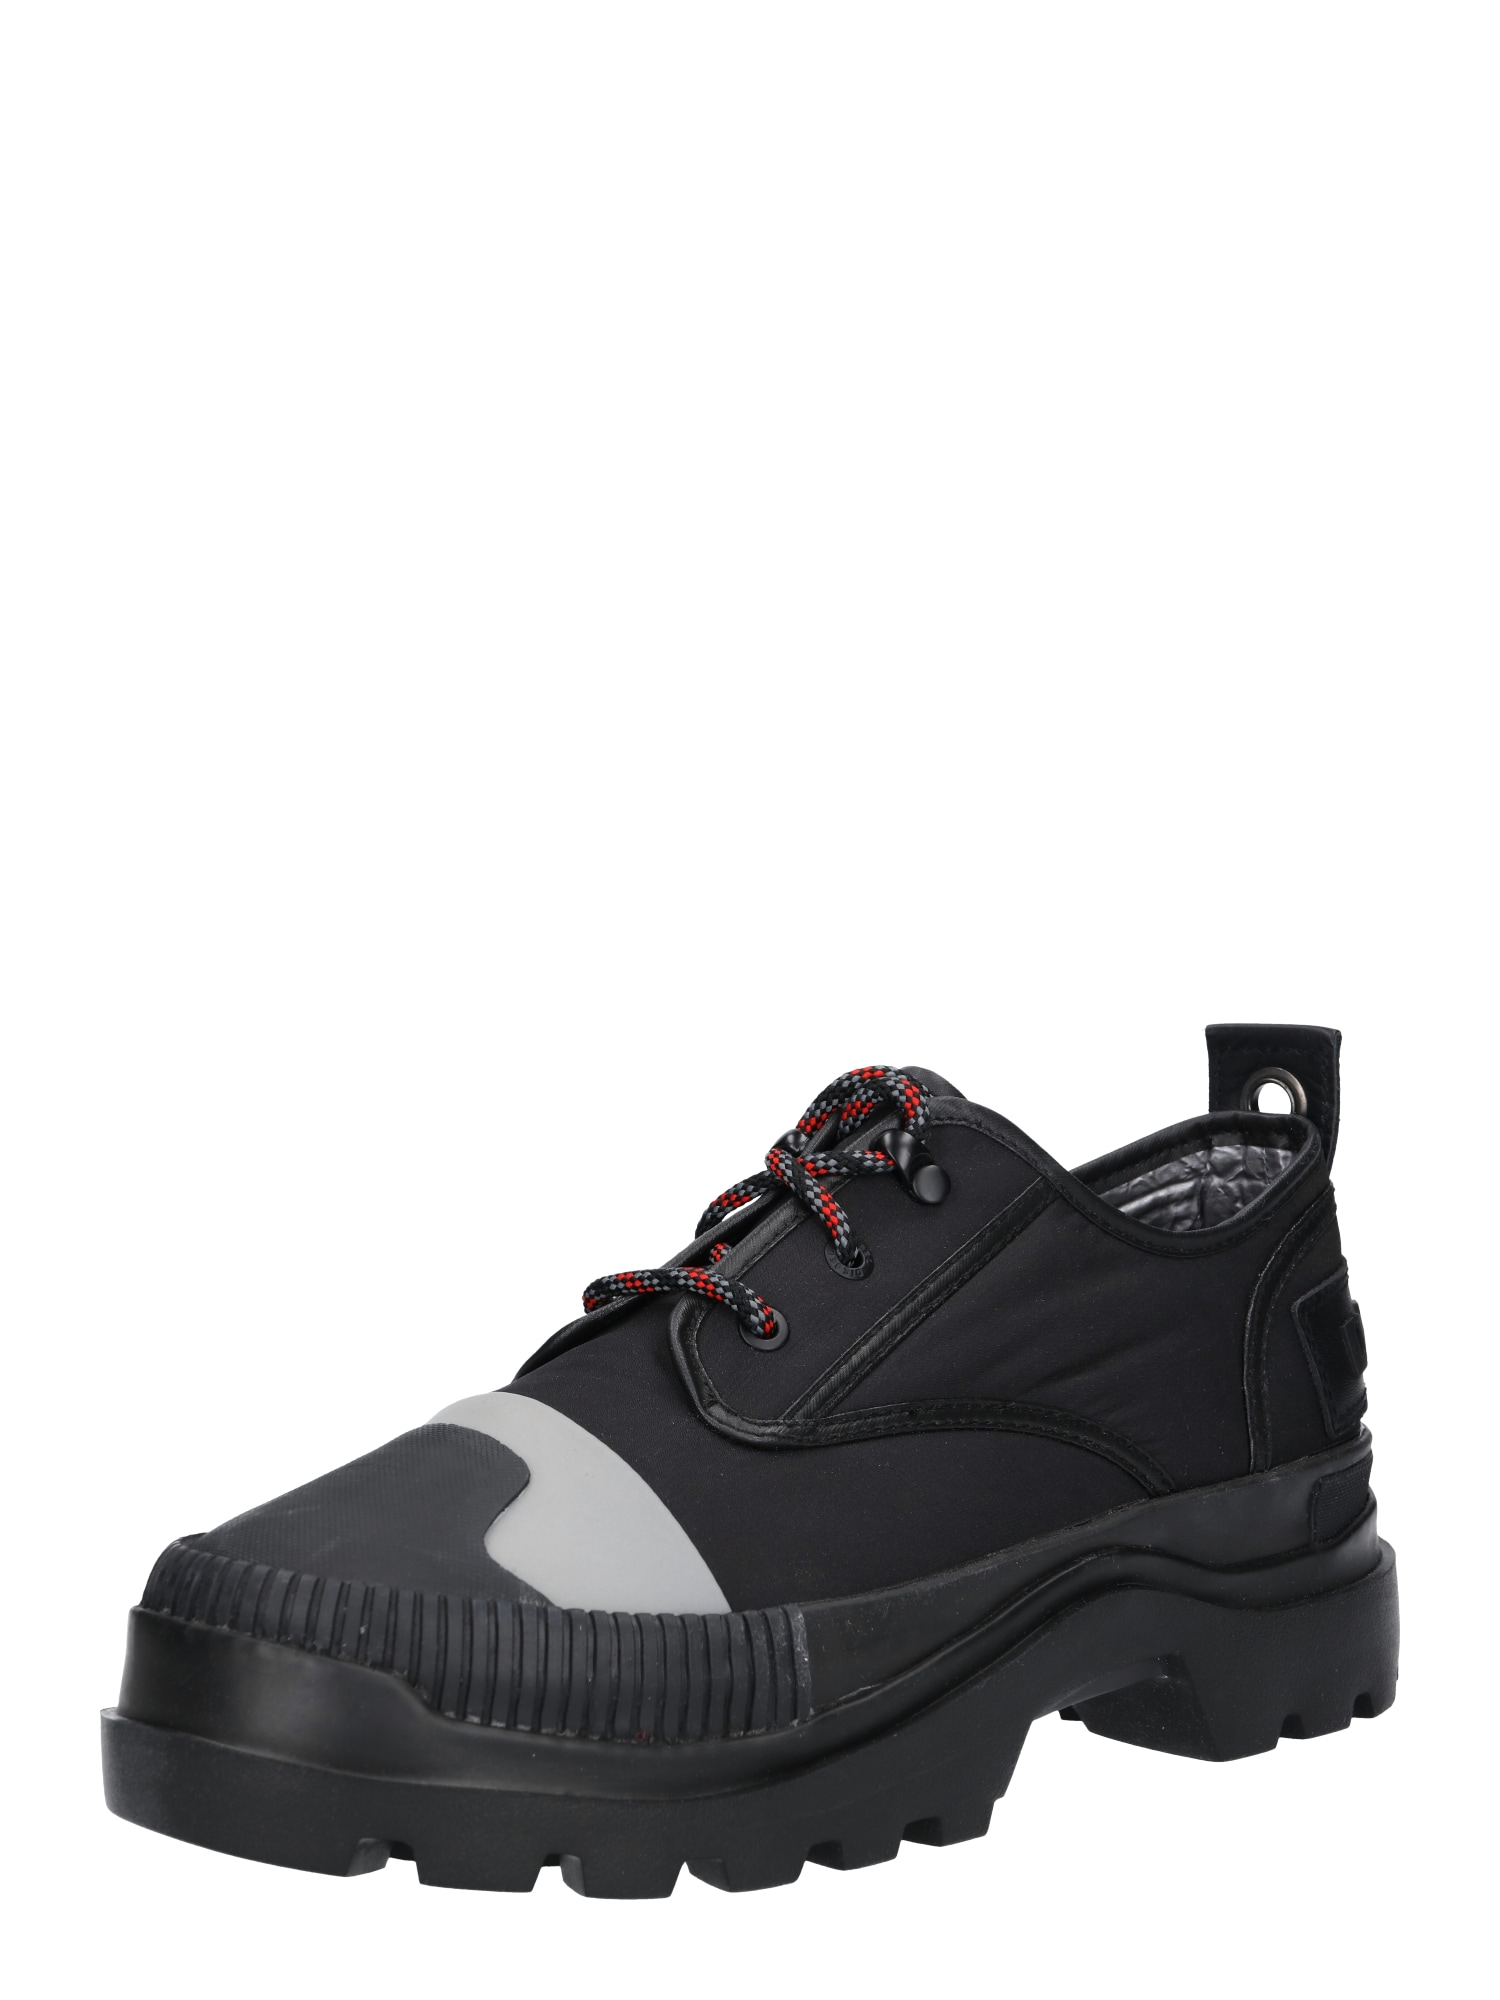 Sportovní šněrovací boty D-Vaiont DBS černá DIESEL